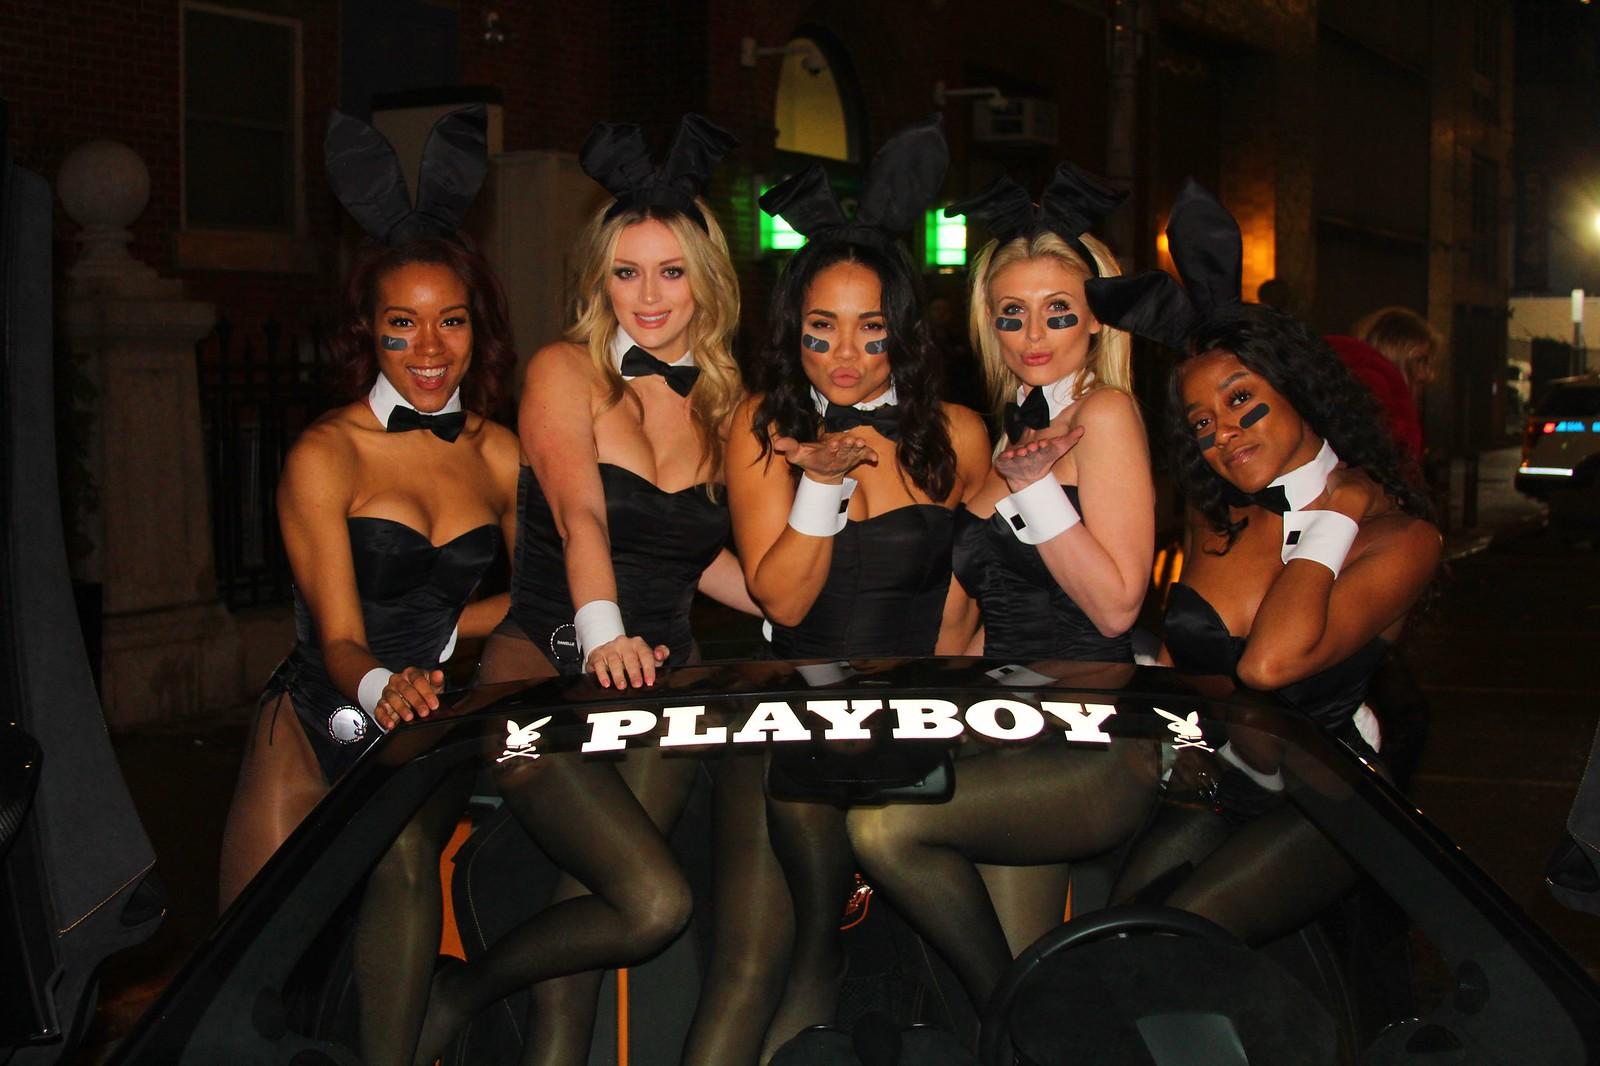 Playboy Club NYC, photo by Teddy Adolphe (1)